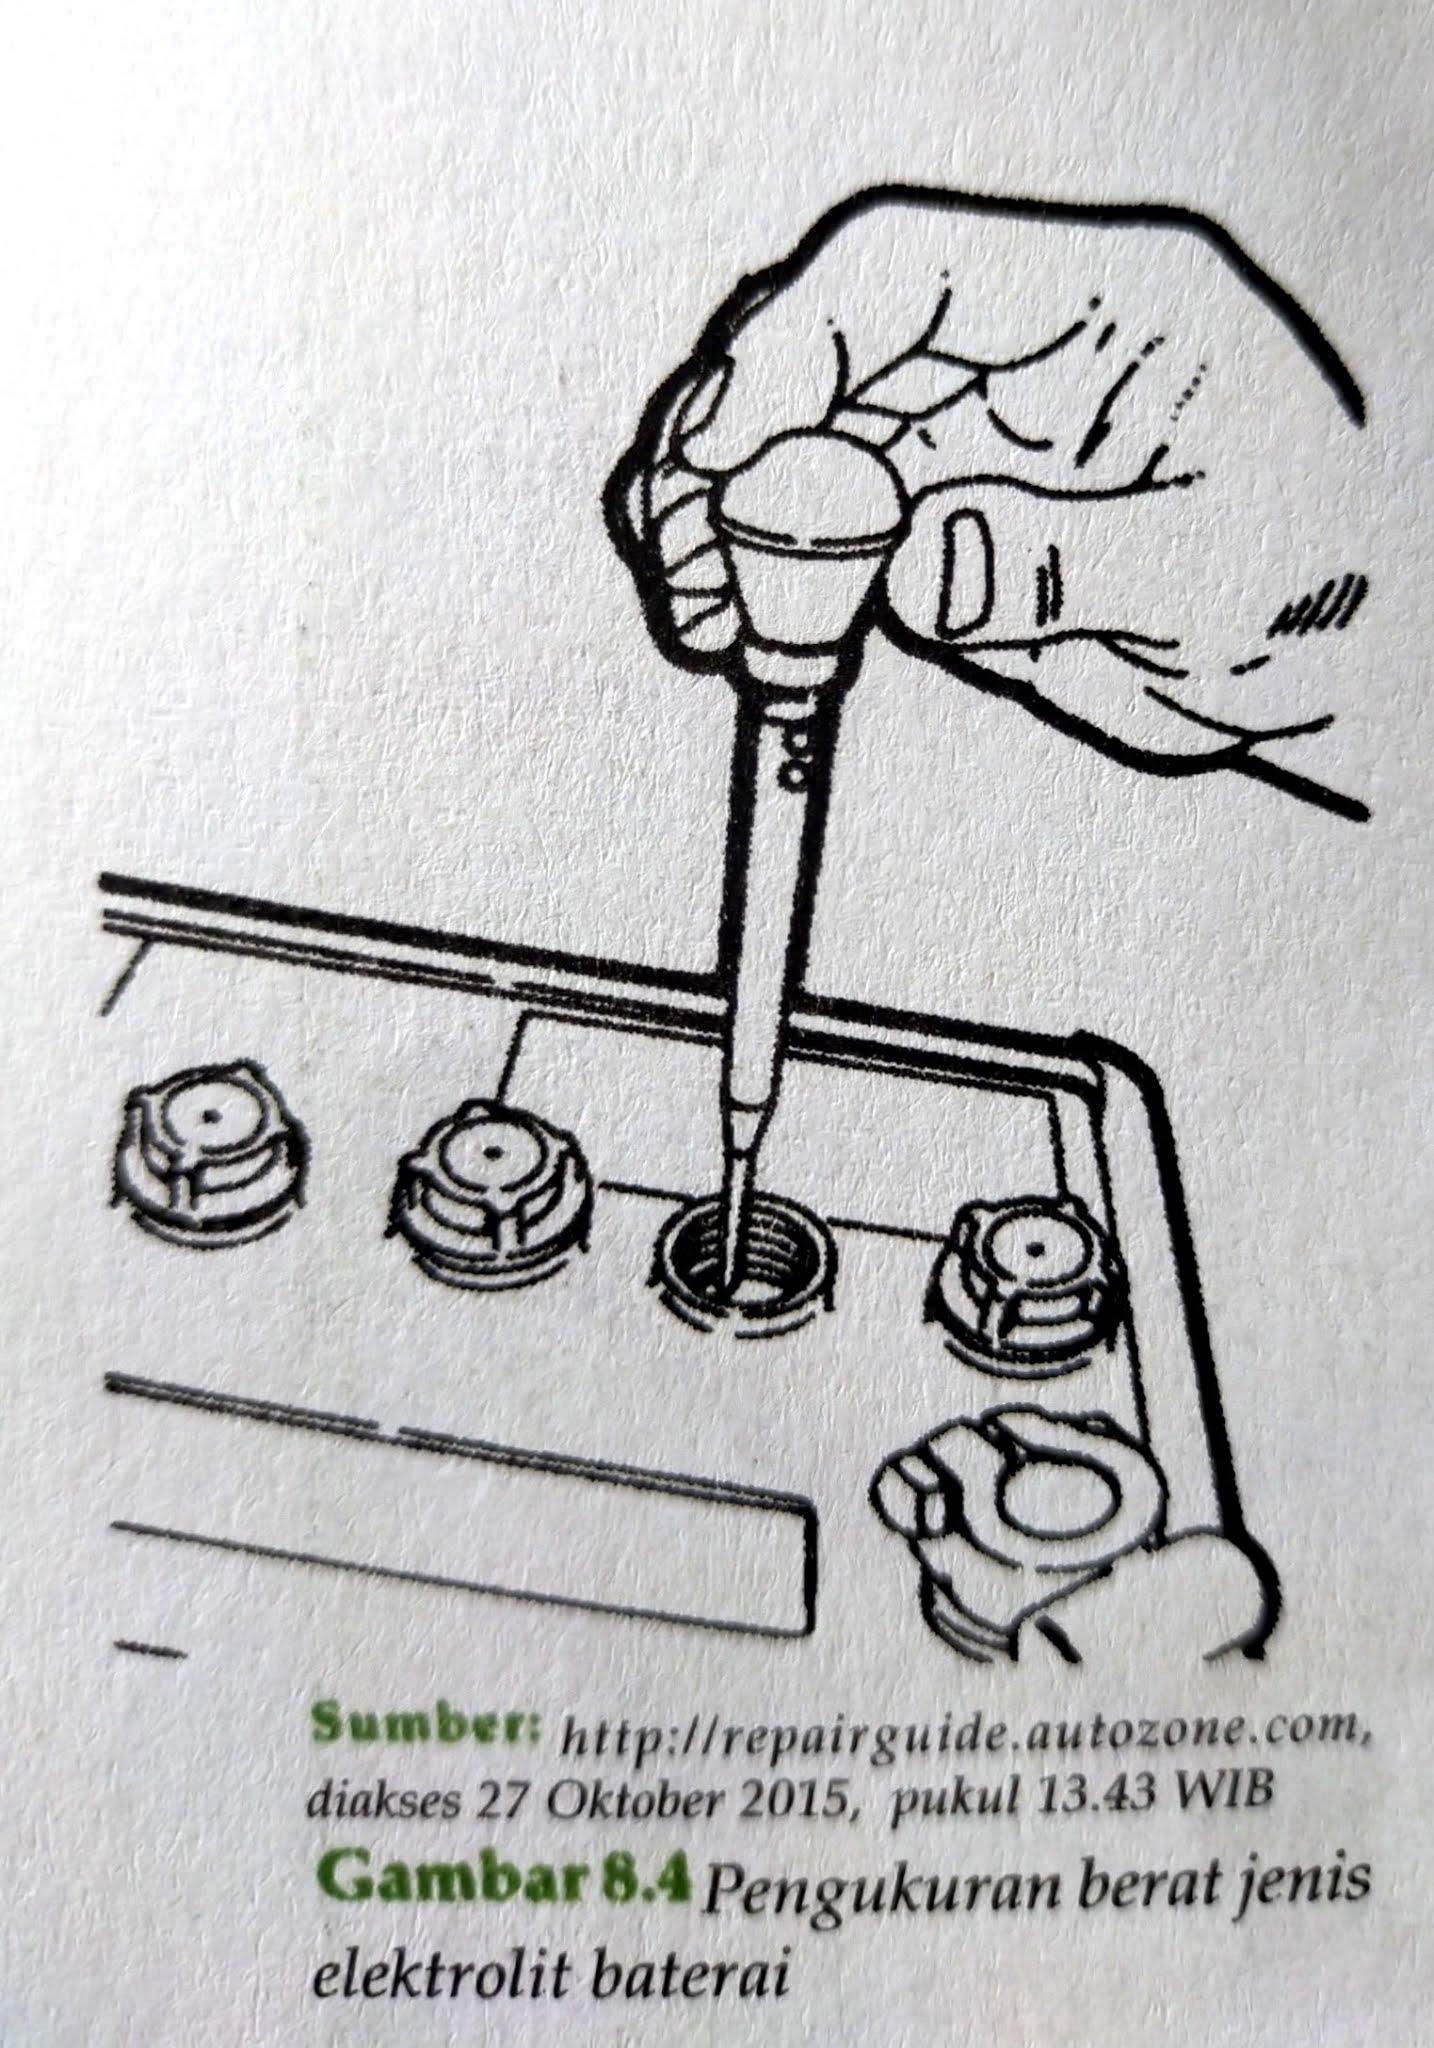 Alat Ukur Hidrolik Dan Fungsinya : hidrolik, fungsinya, Menerapkan, Hidrolik, Serta, Fungsinya, Galingging